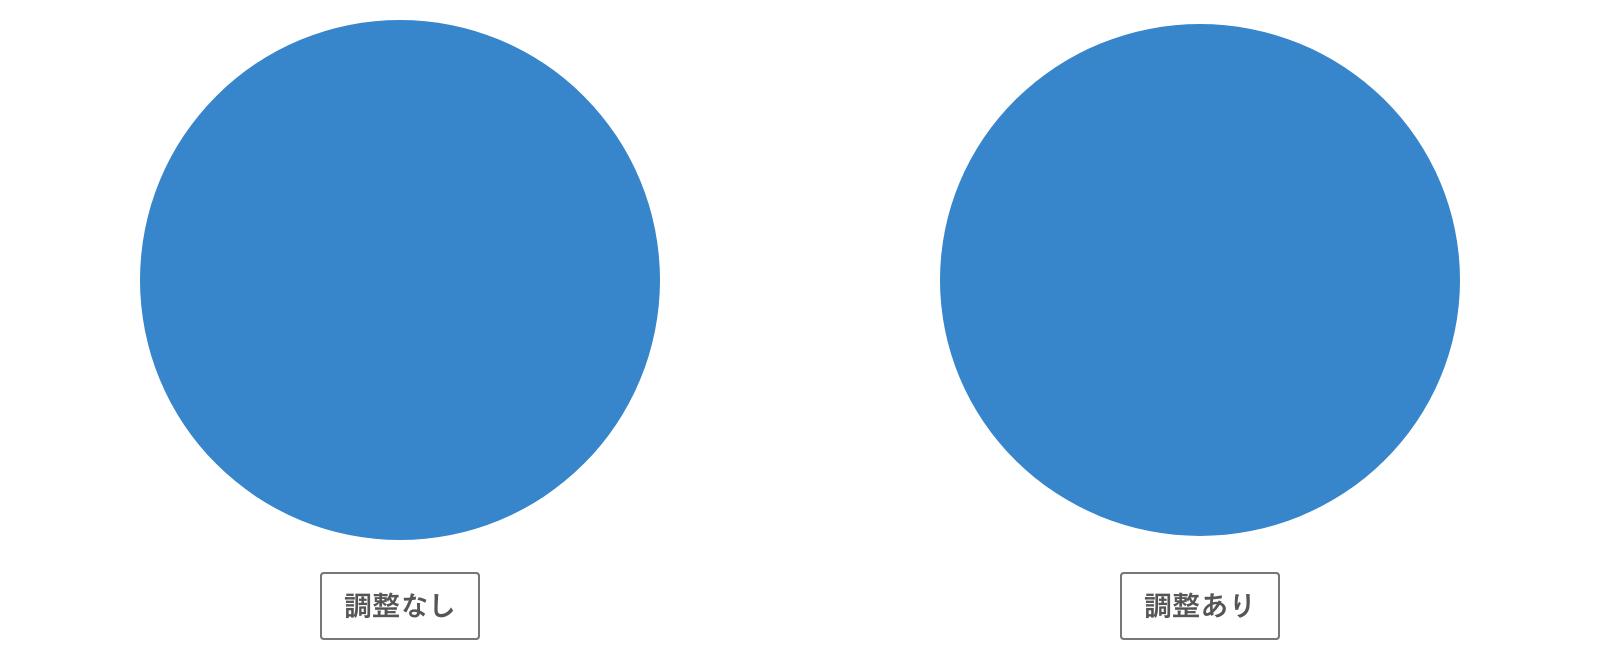 正円の比較